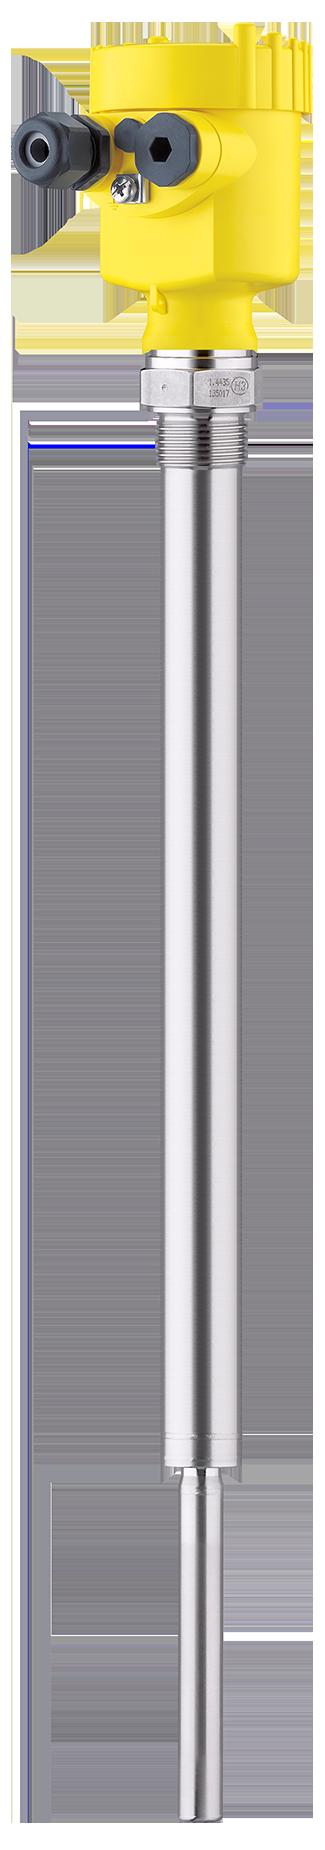 VEGAVIB 63 Vibrationsgrenzschalter für granulierte Schüttgüter mit Rohrverlängerung